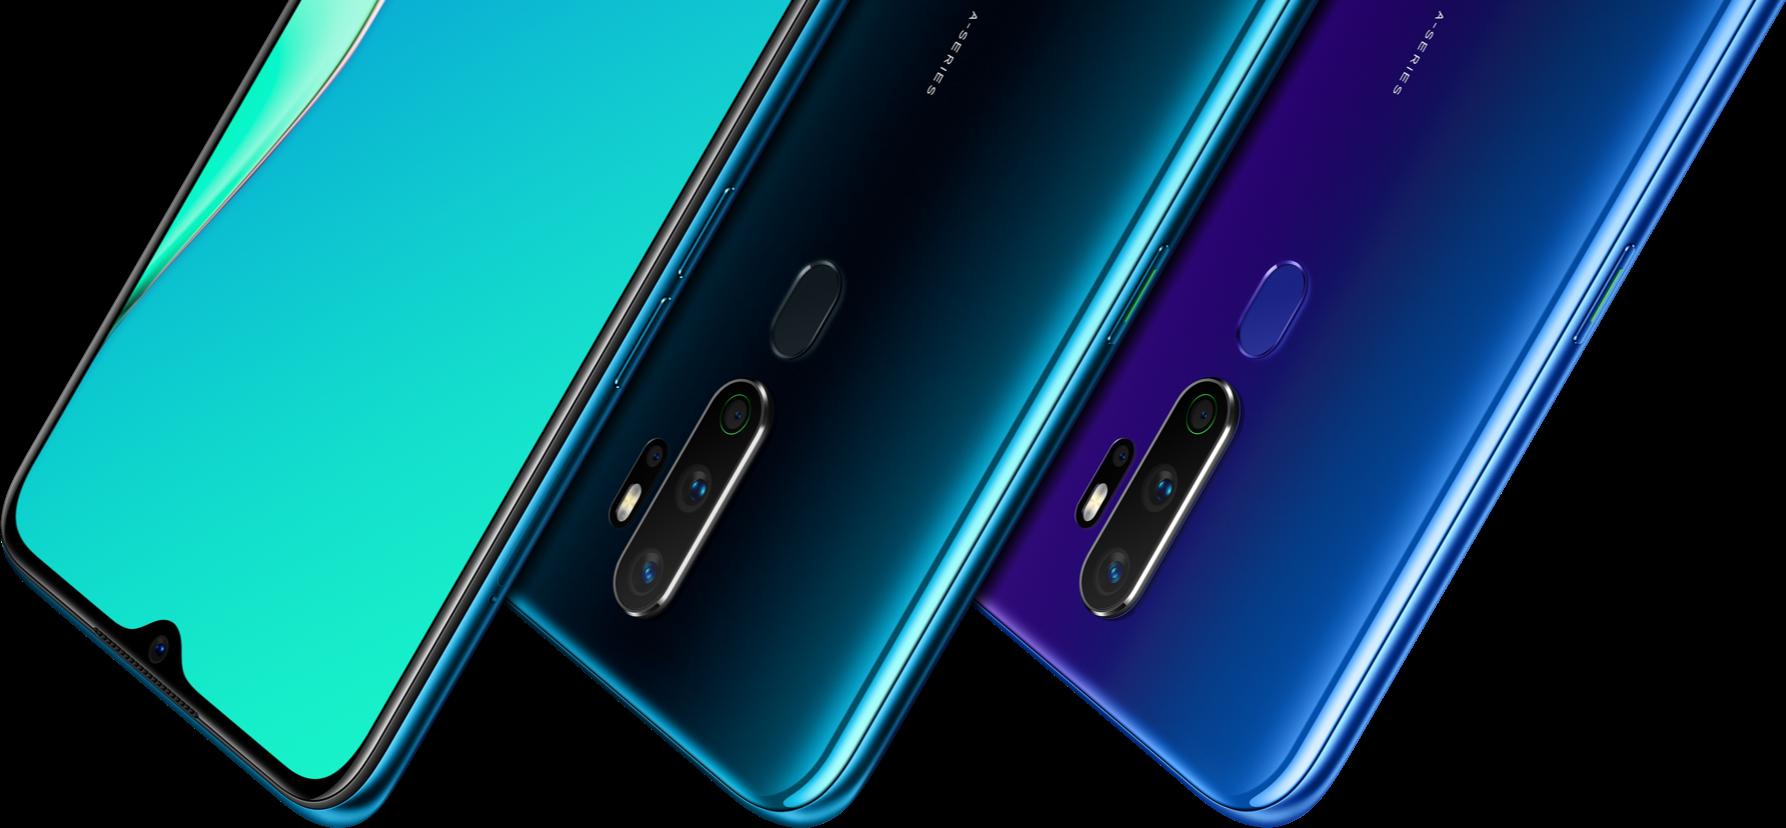 Prezzo Android Oppo A9 2020: da Esselunga scontato a 159 euro